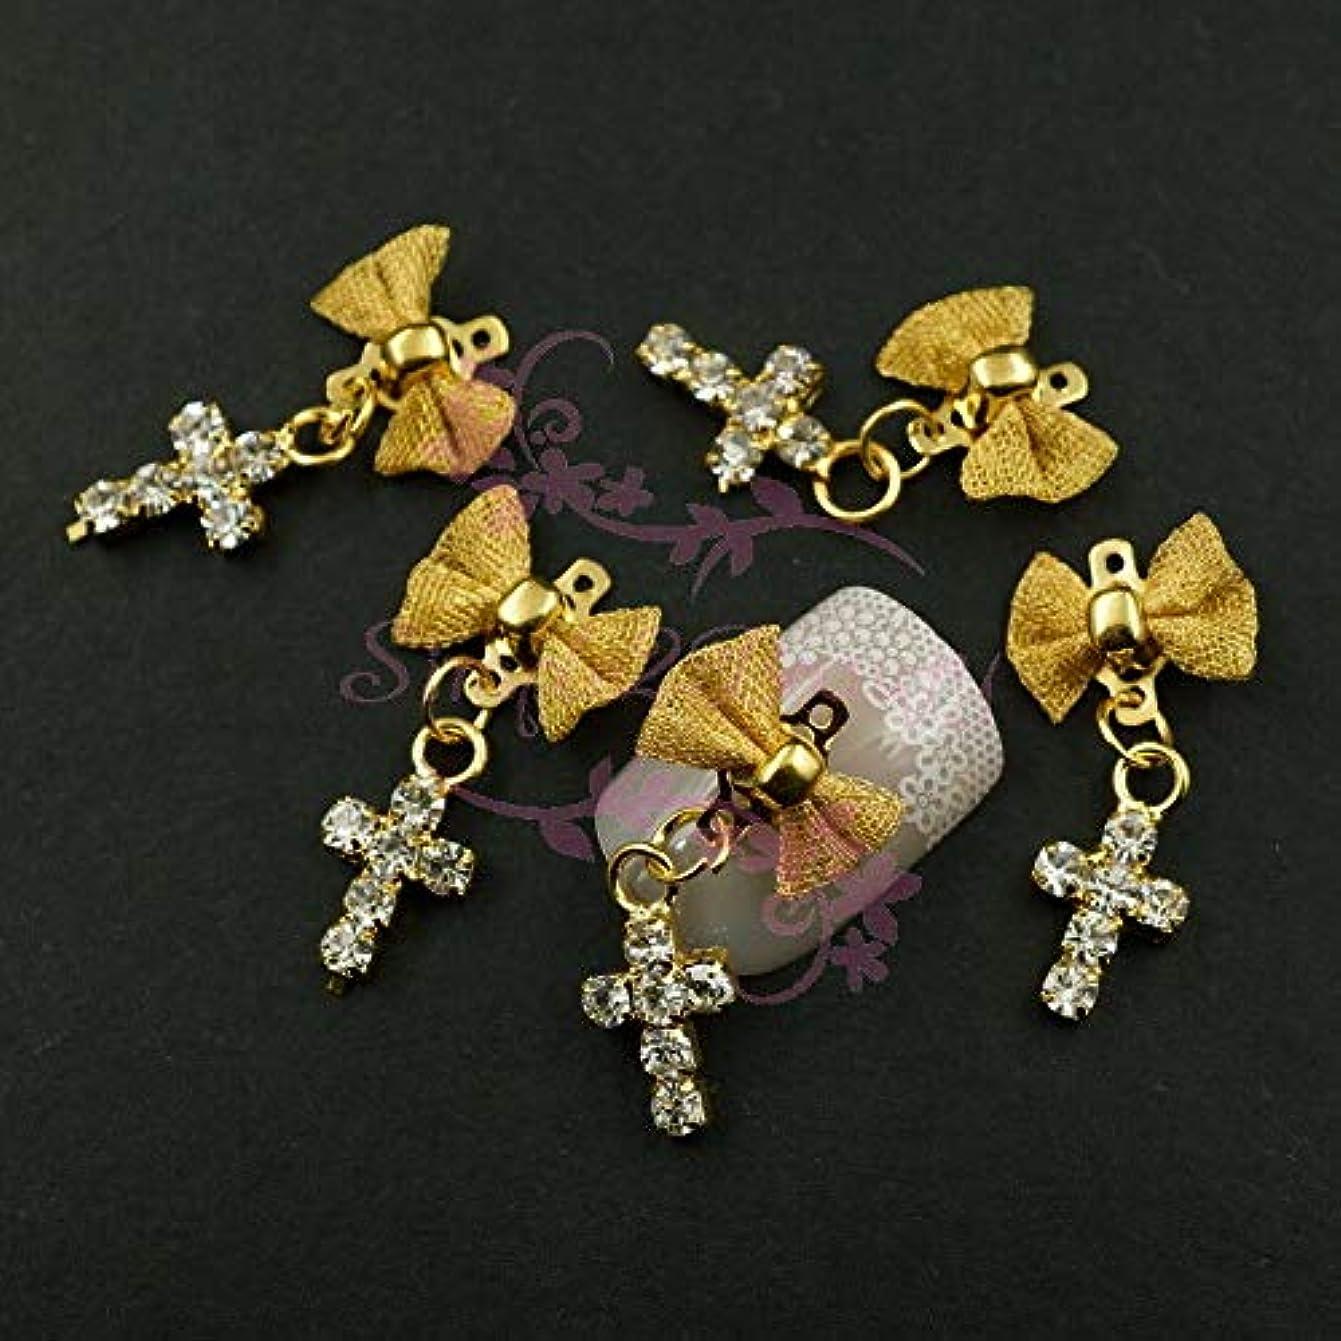 ファセット究極の特徴FidgetGear 20金属メッシュ弓ブラブラクロスクリアラインストーンの装飾ネイルアート合金チャーム ゴールド